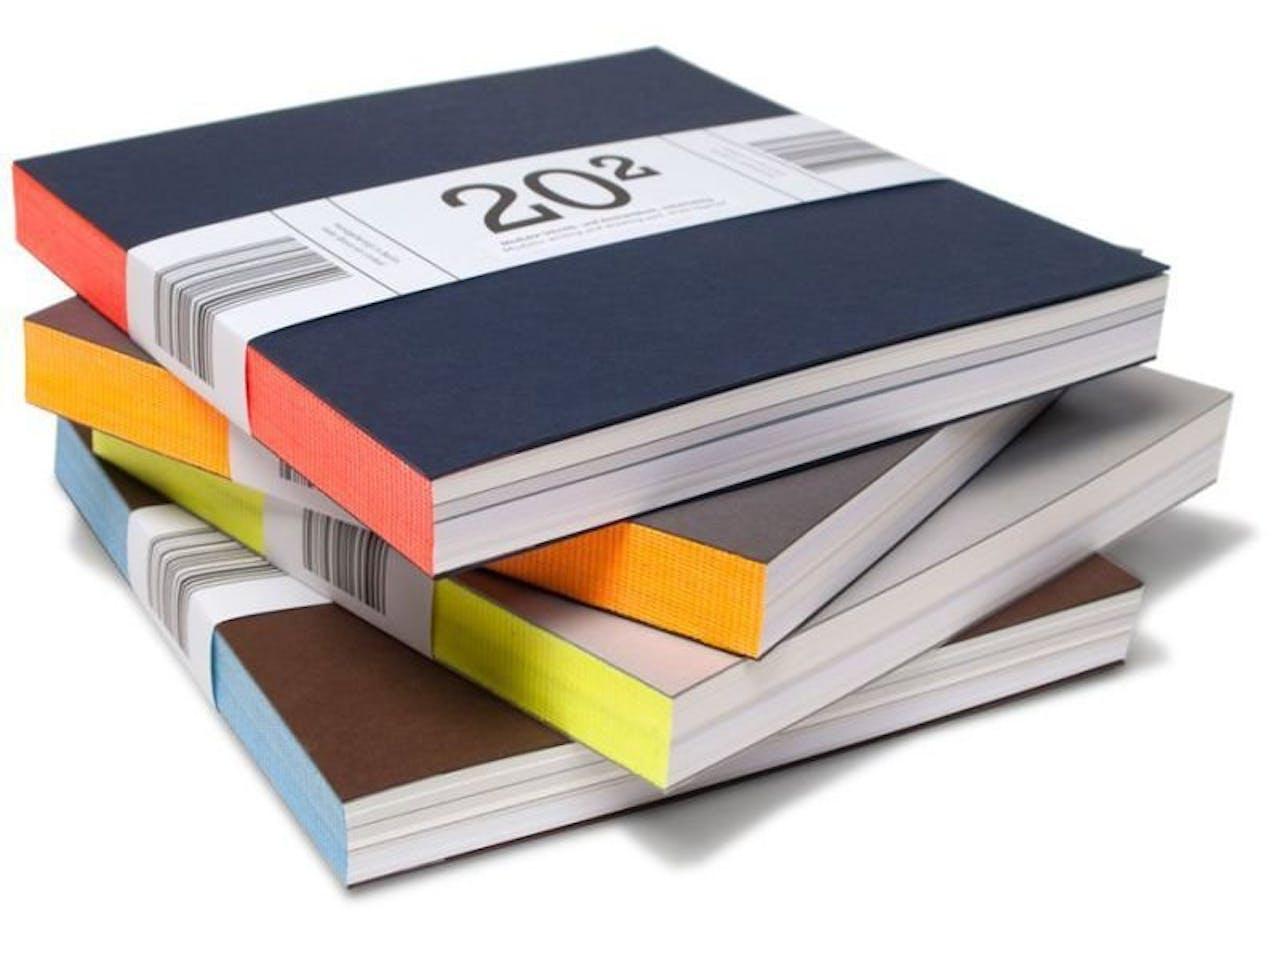 20 hoch 2 Modulor Schreib- und Skizzenbuch, diverse Farben